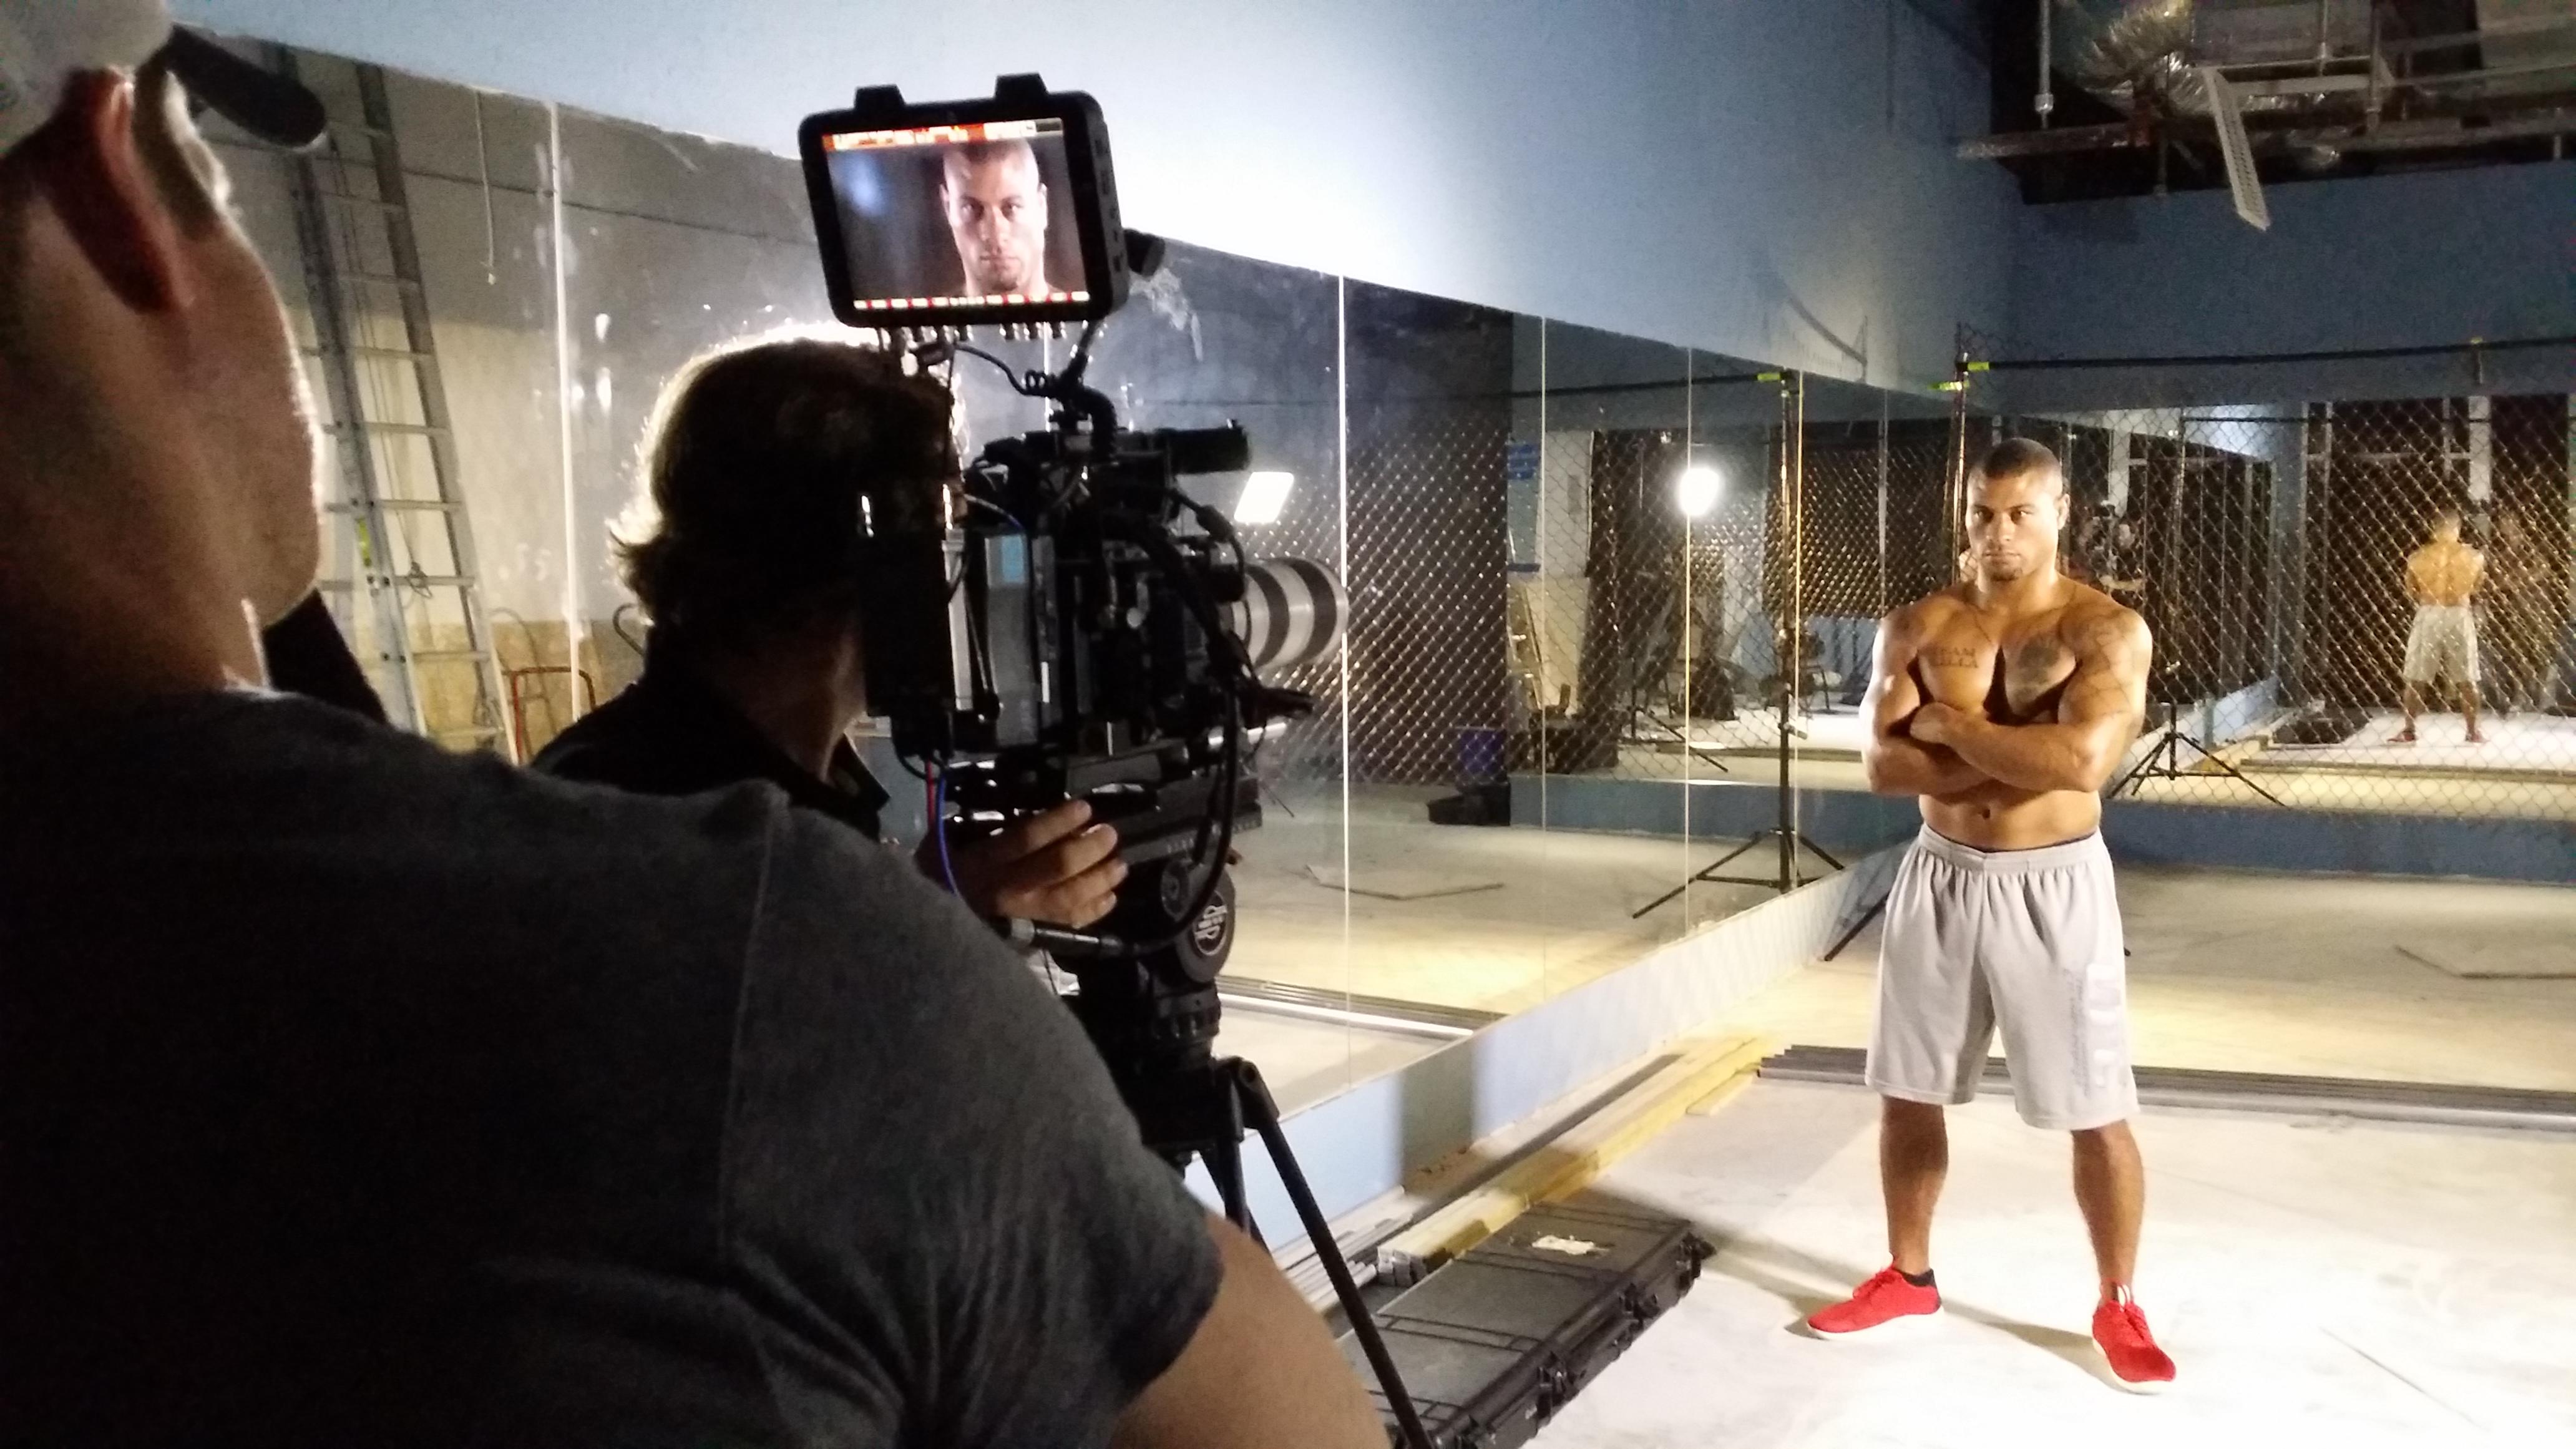 20140619 142513 Miami Crew takes on UFC Countdown